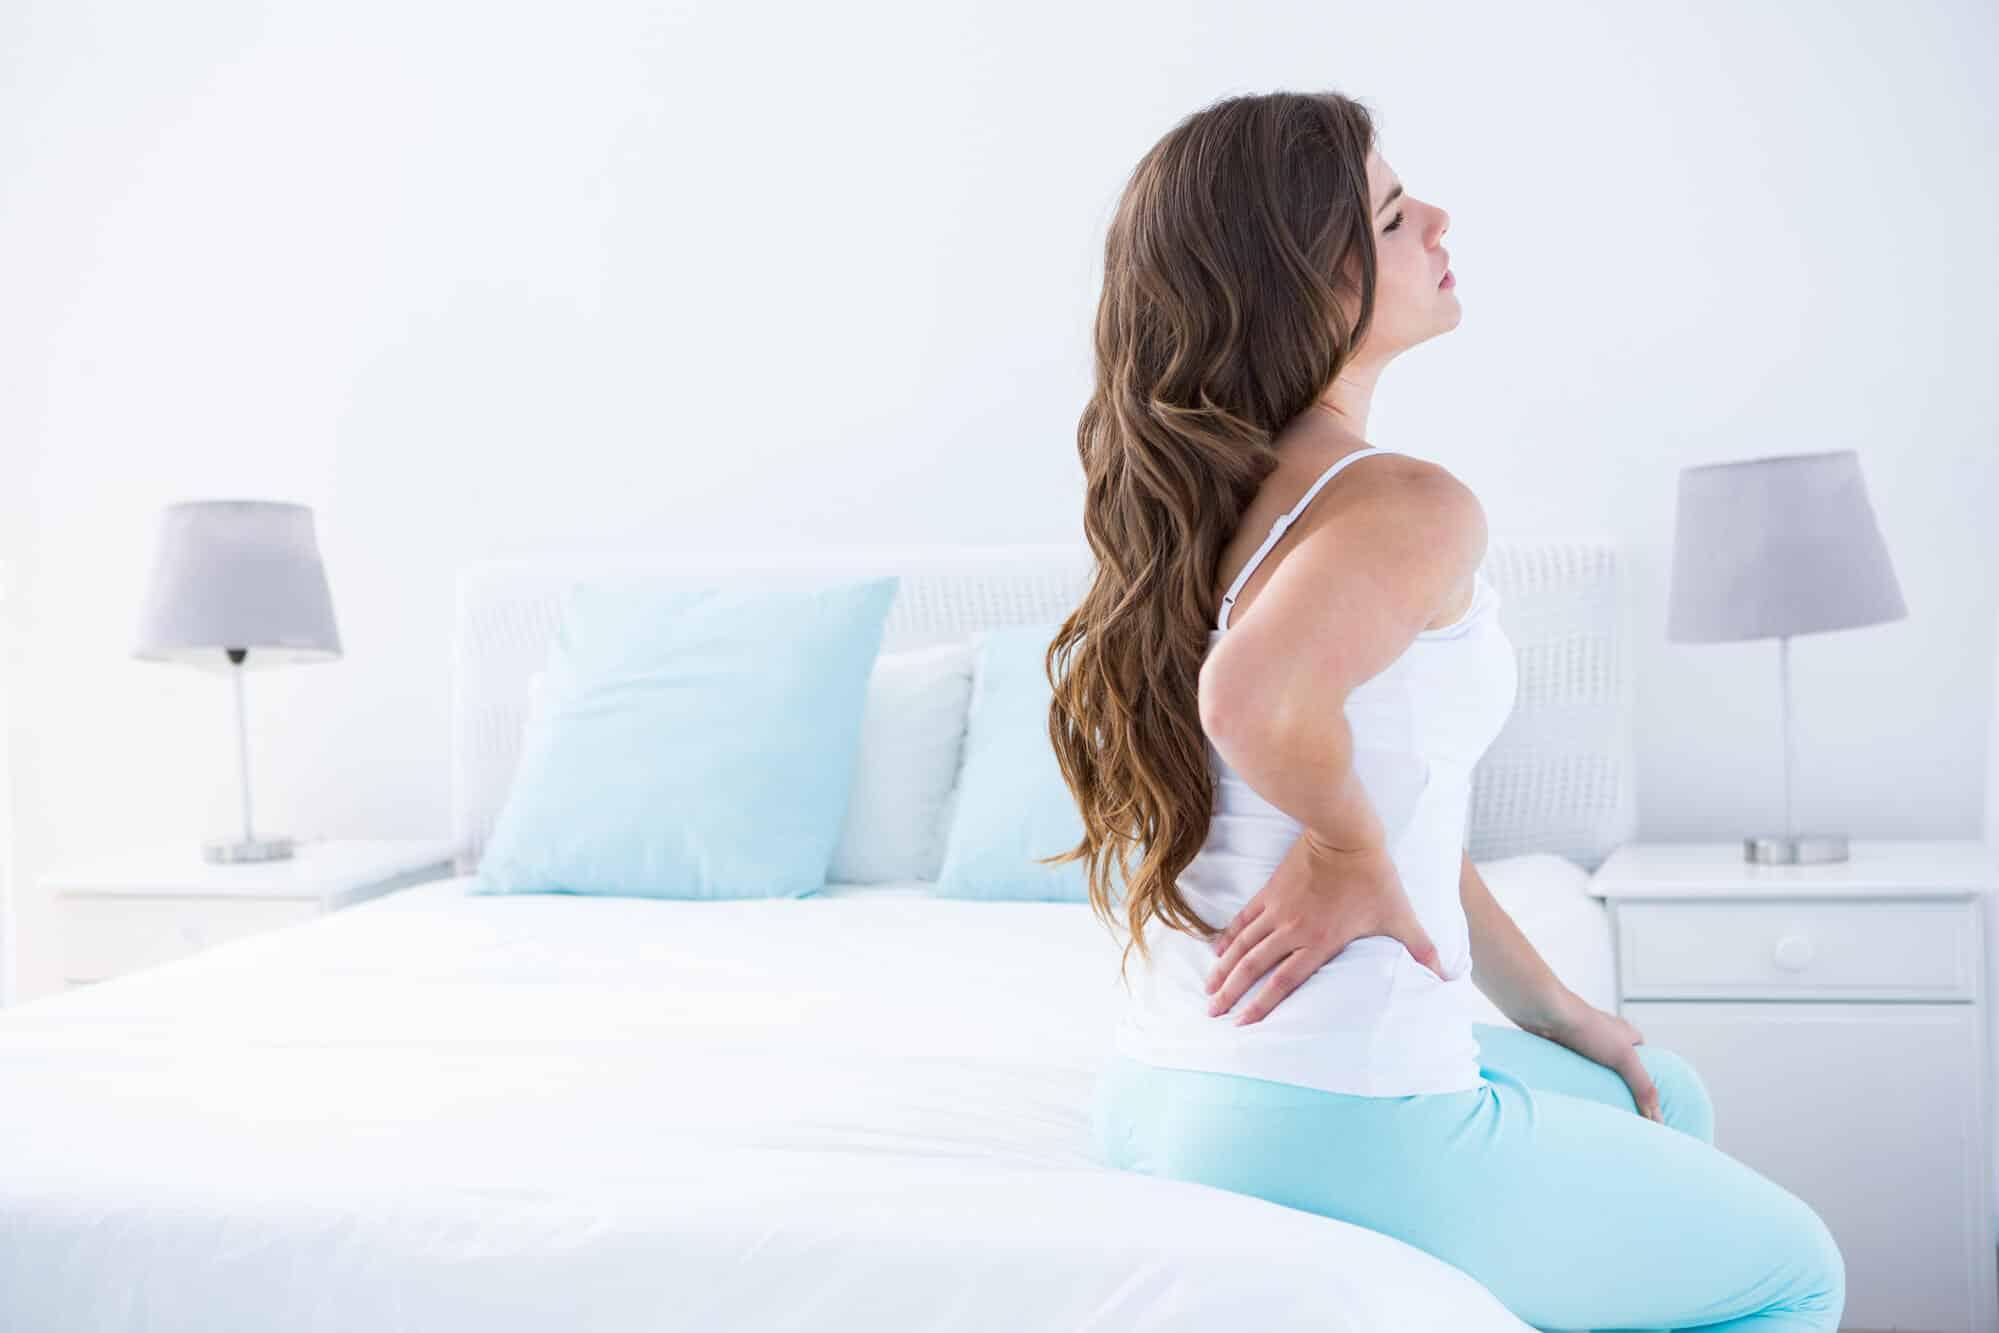 O corpo fala: como dar atenção às dores no seu corpo